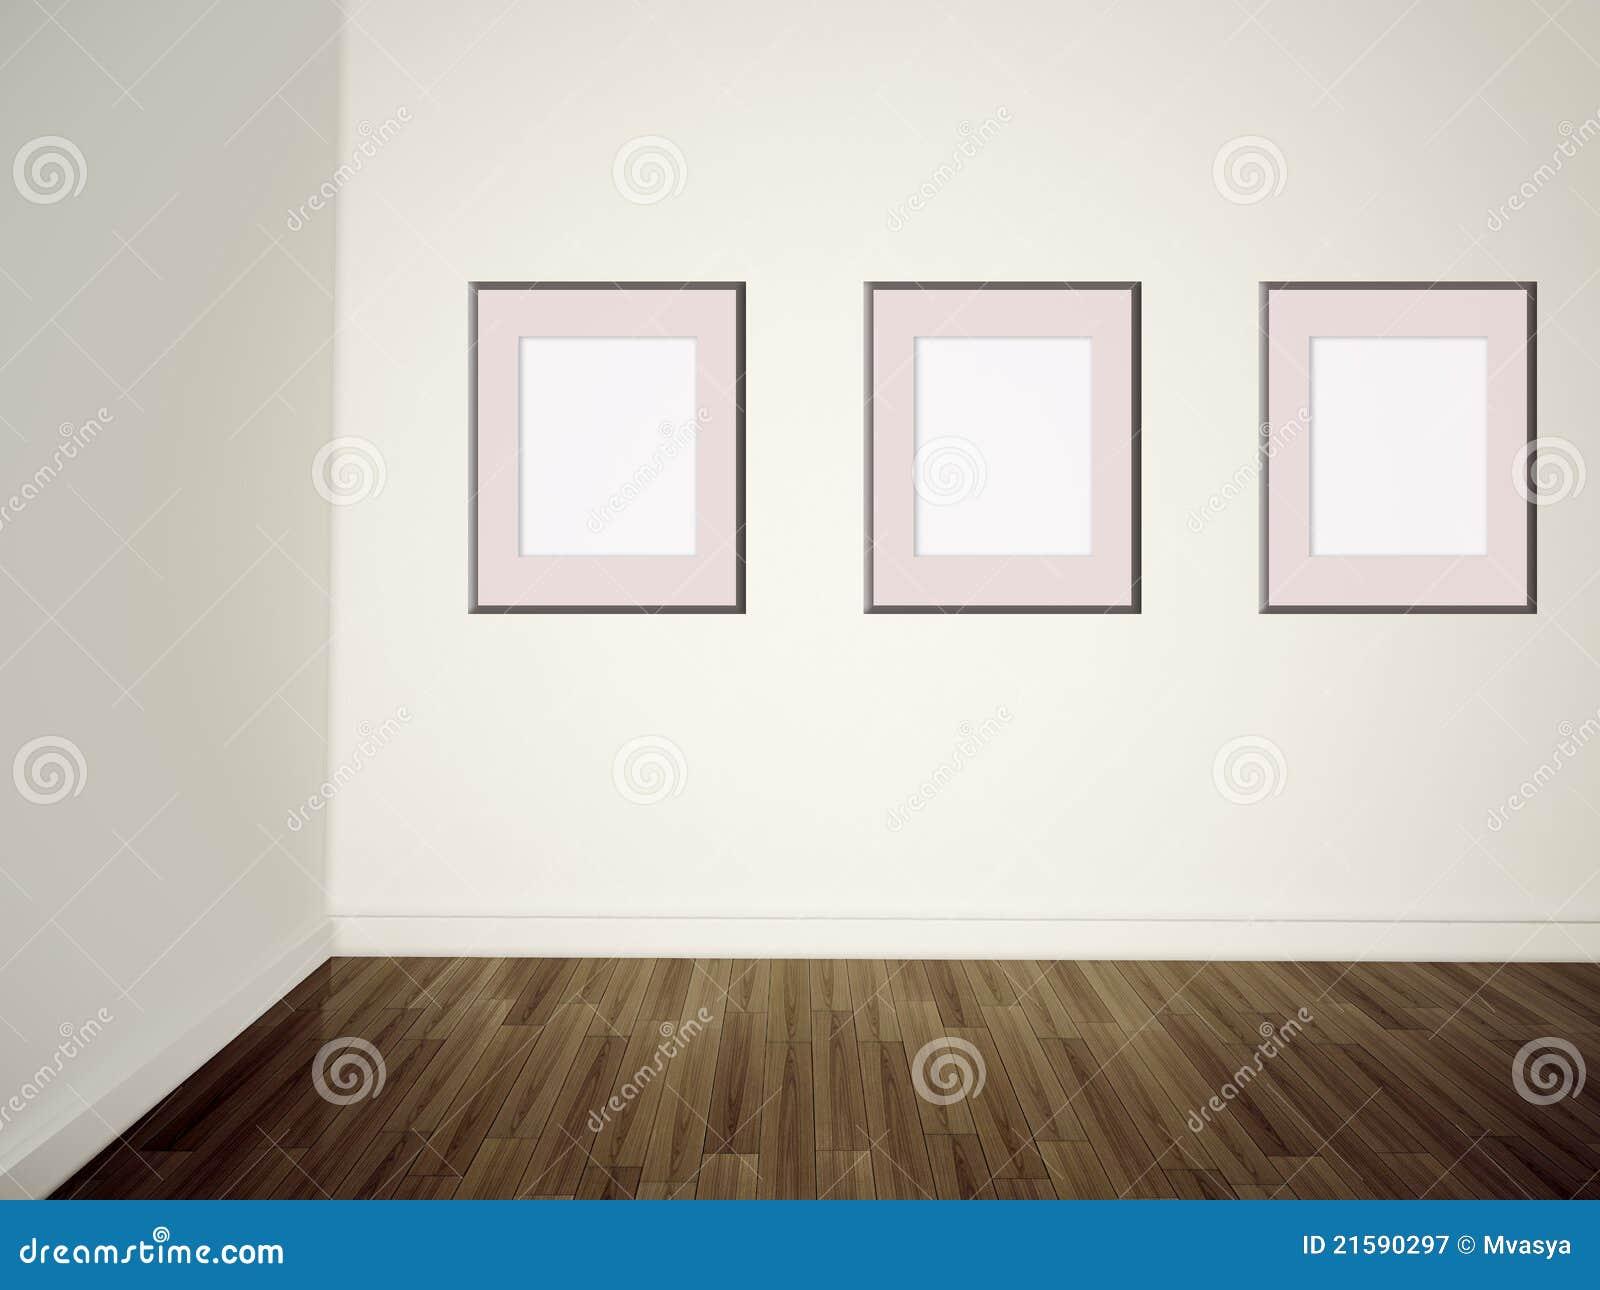 Cuadros vac os de la galer a de arte moderno en una pared - Cuadros para la pared ...